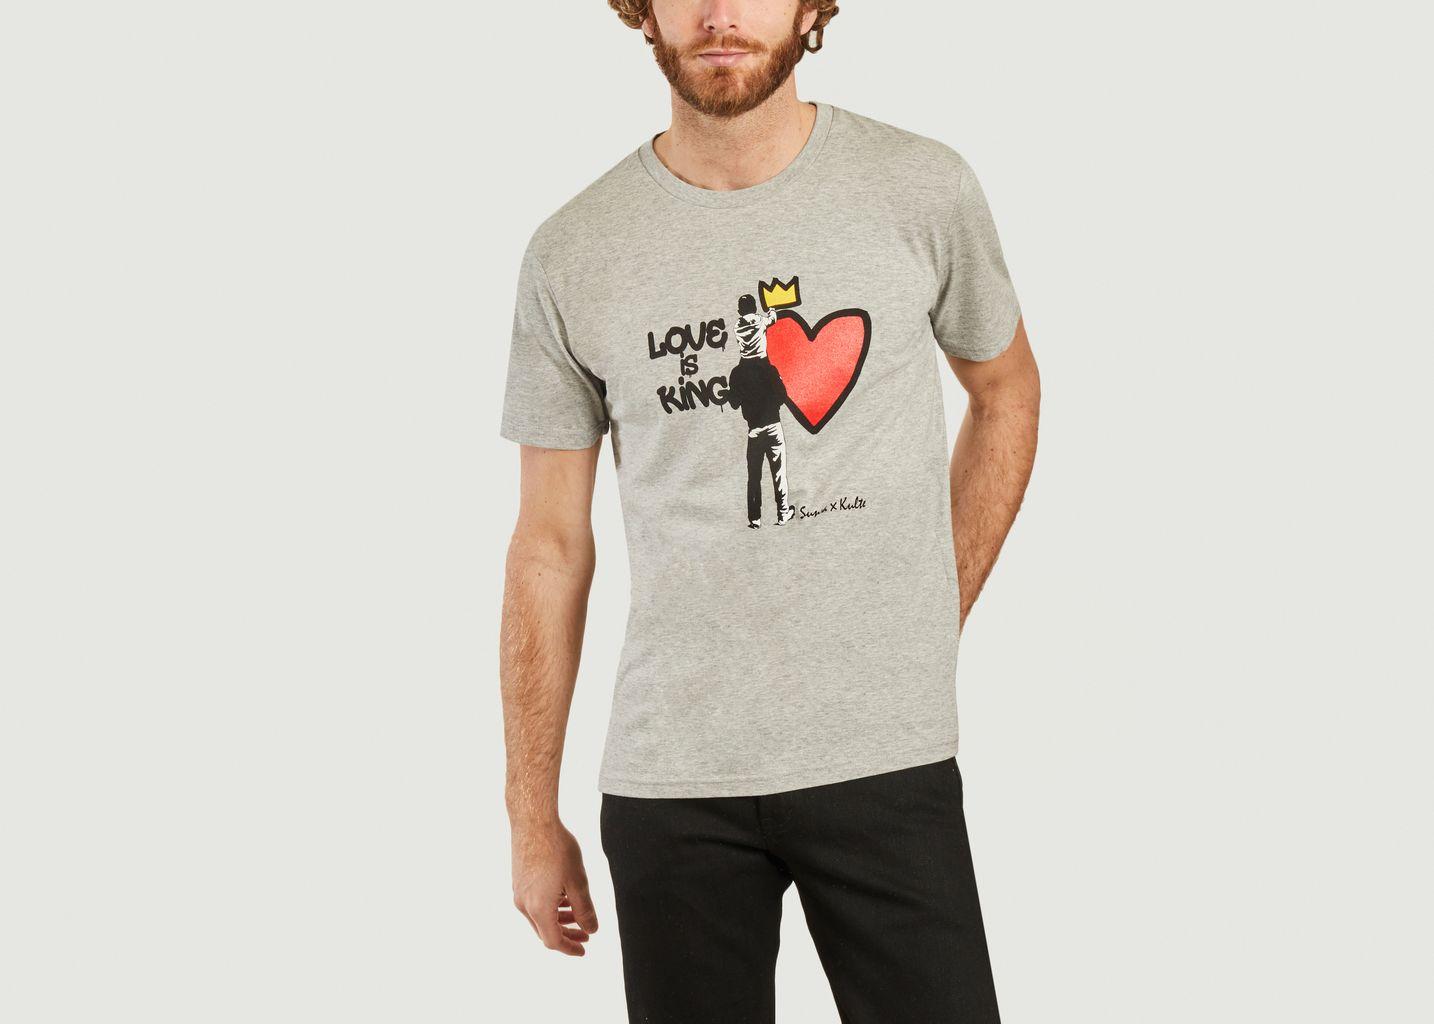 T-shirt Love is King Kulte x Sunra - Kulte